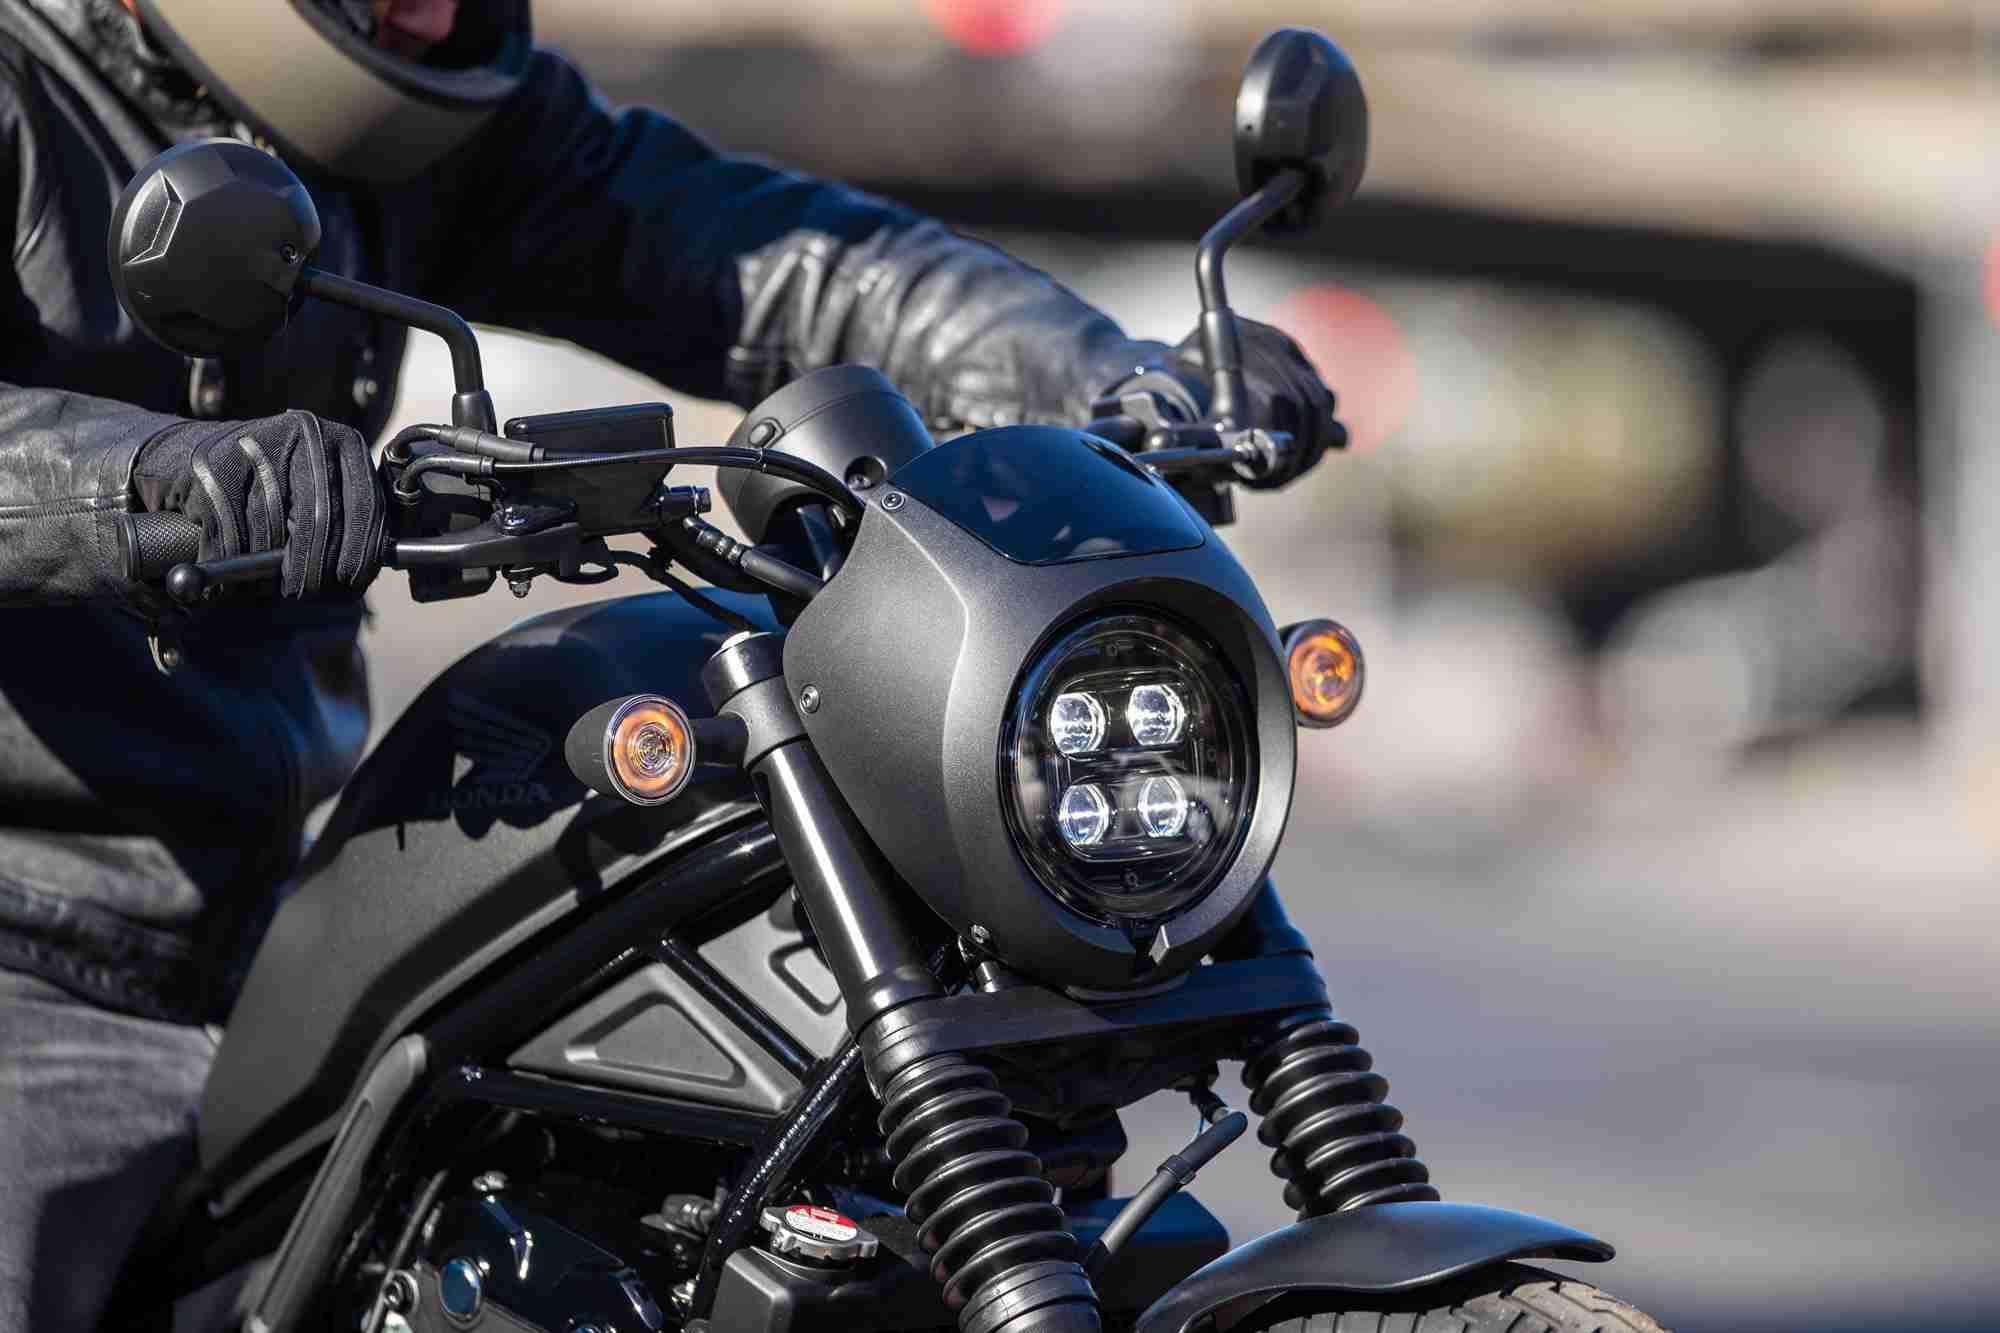 2020 Honda Rebel front view